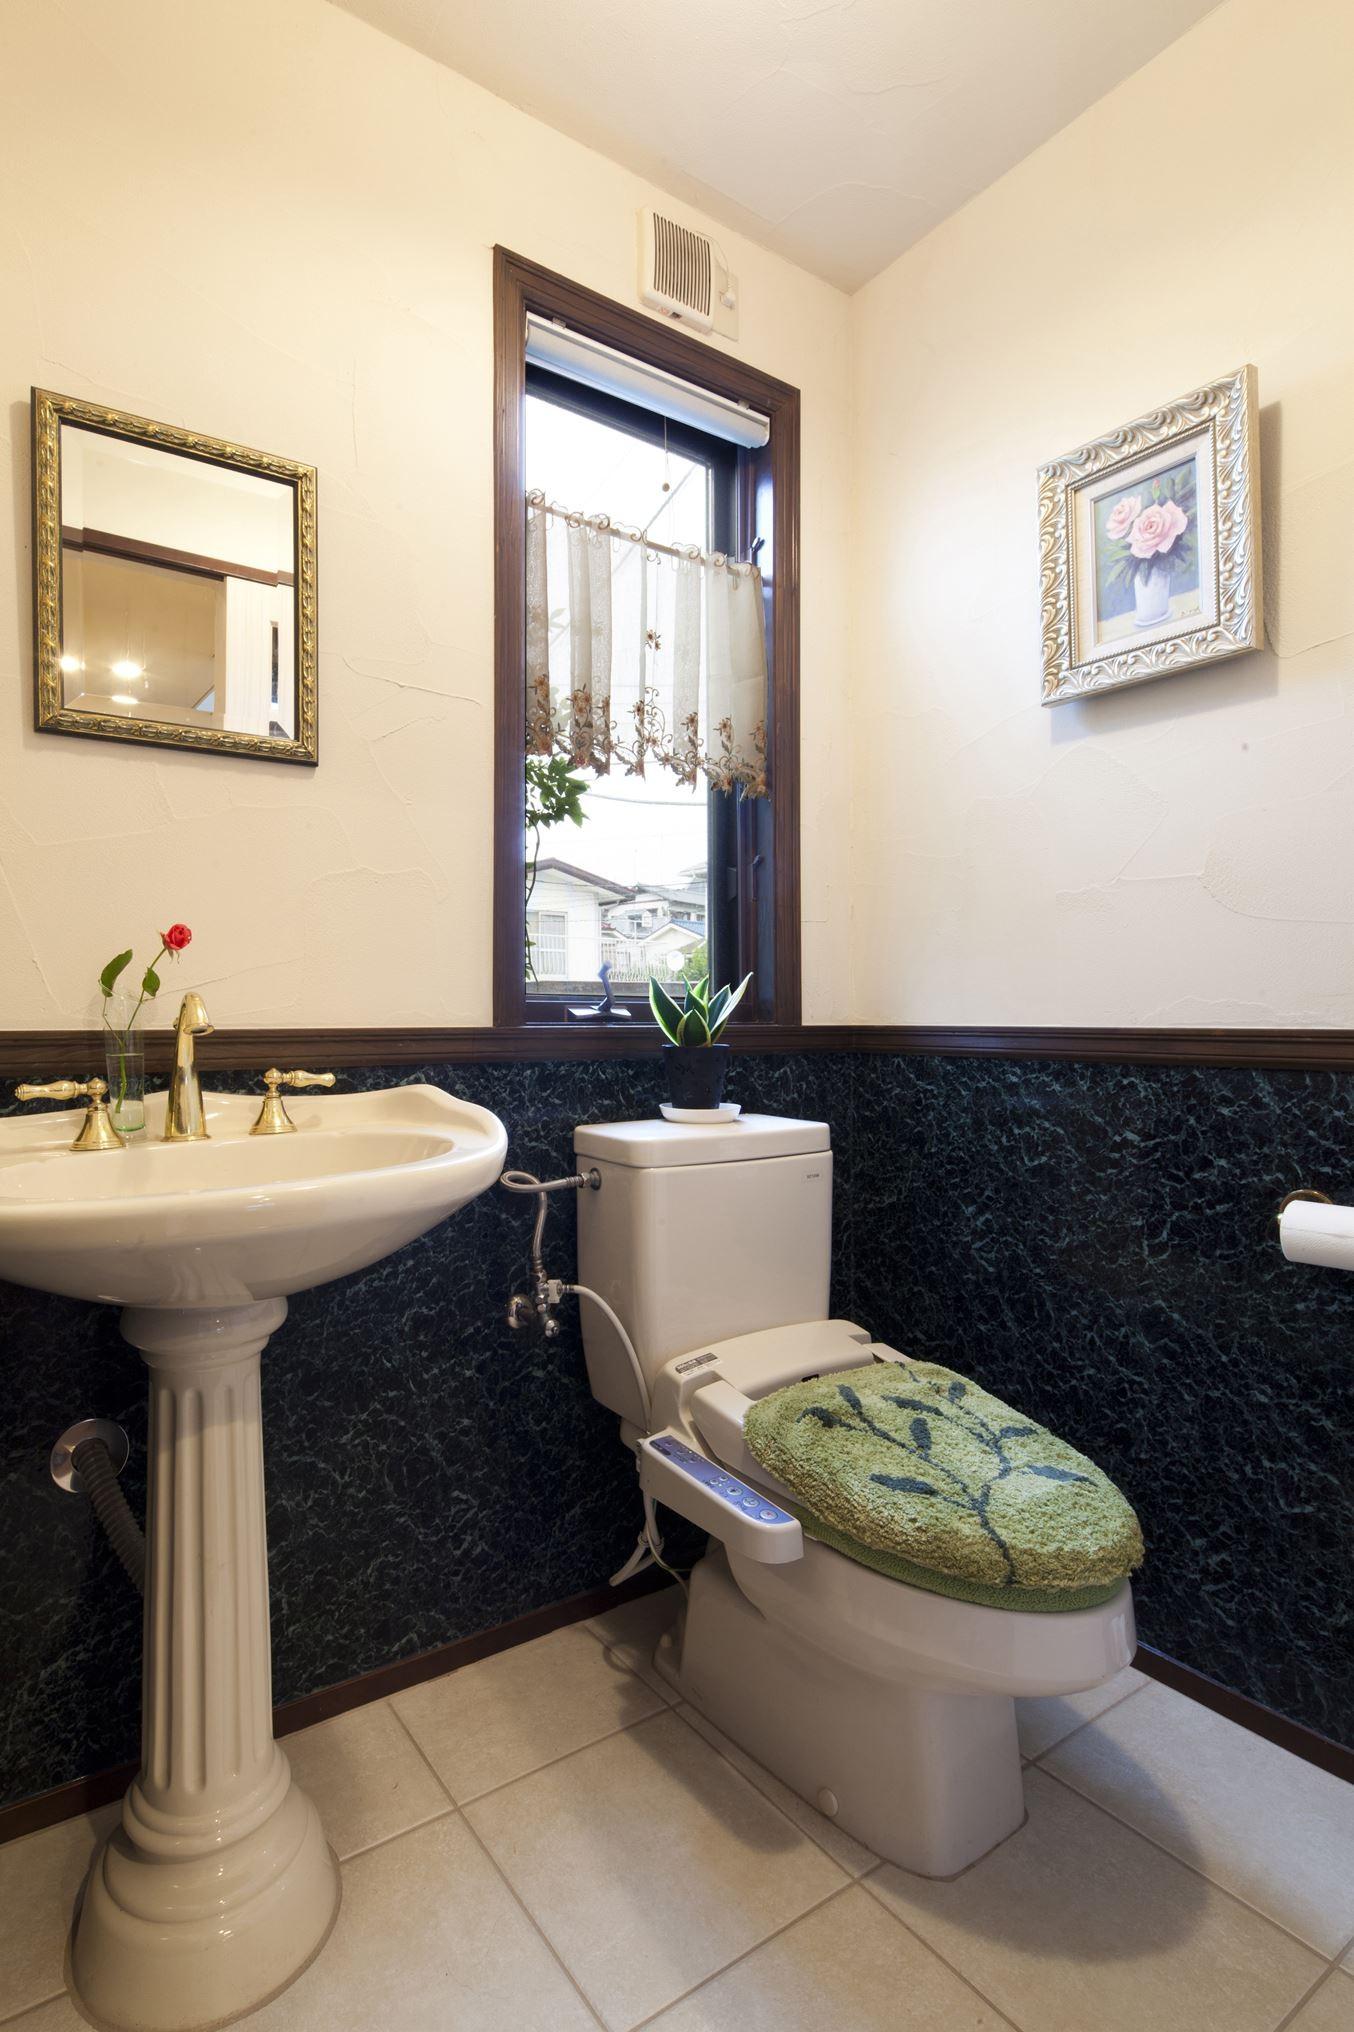 バス/トイレ事例:トイレ(長年抱えていた不満をすべて解消したリノベーション)